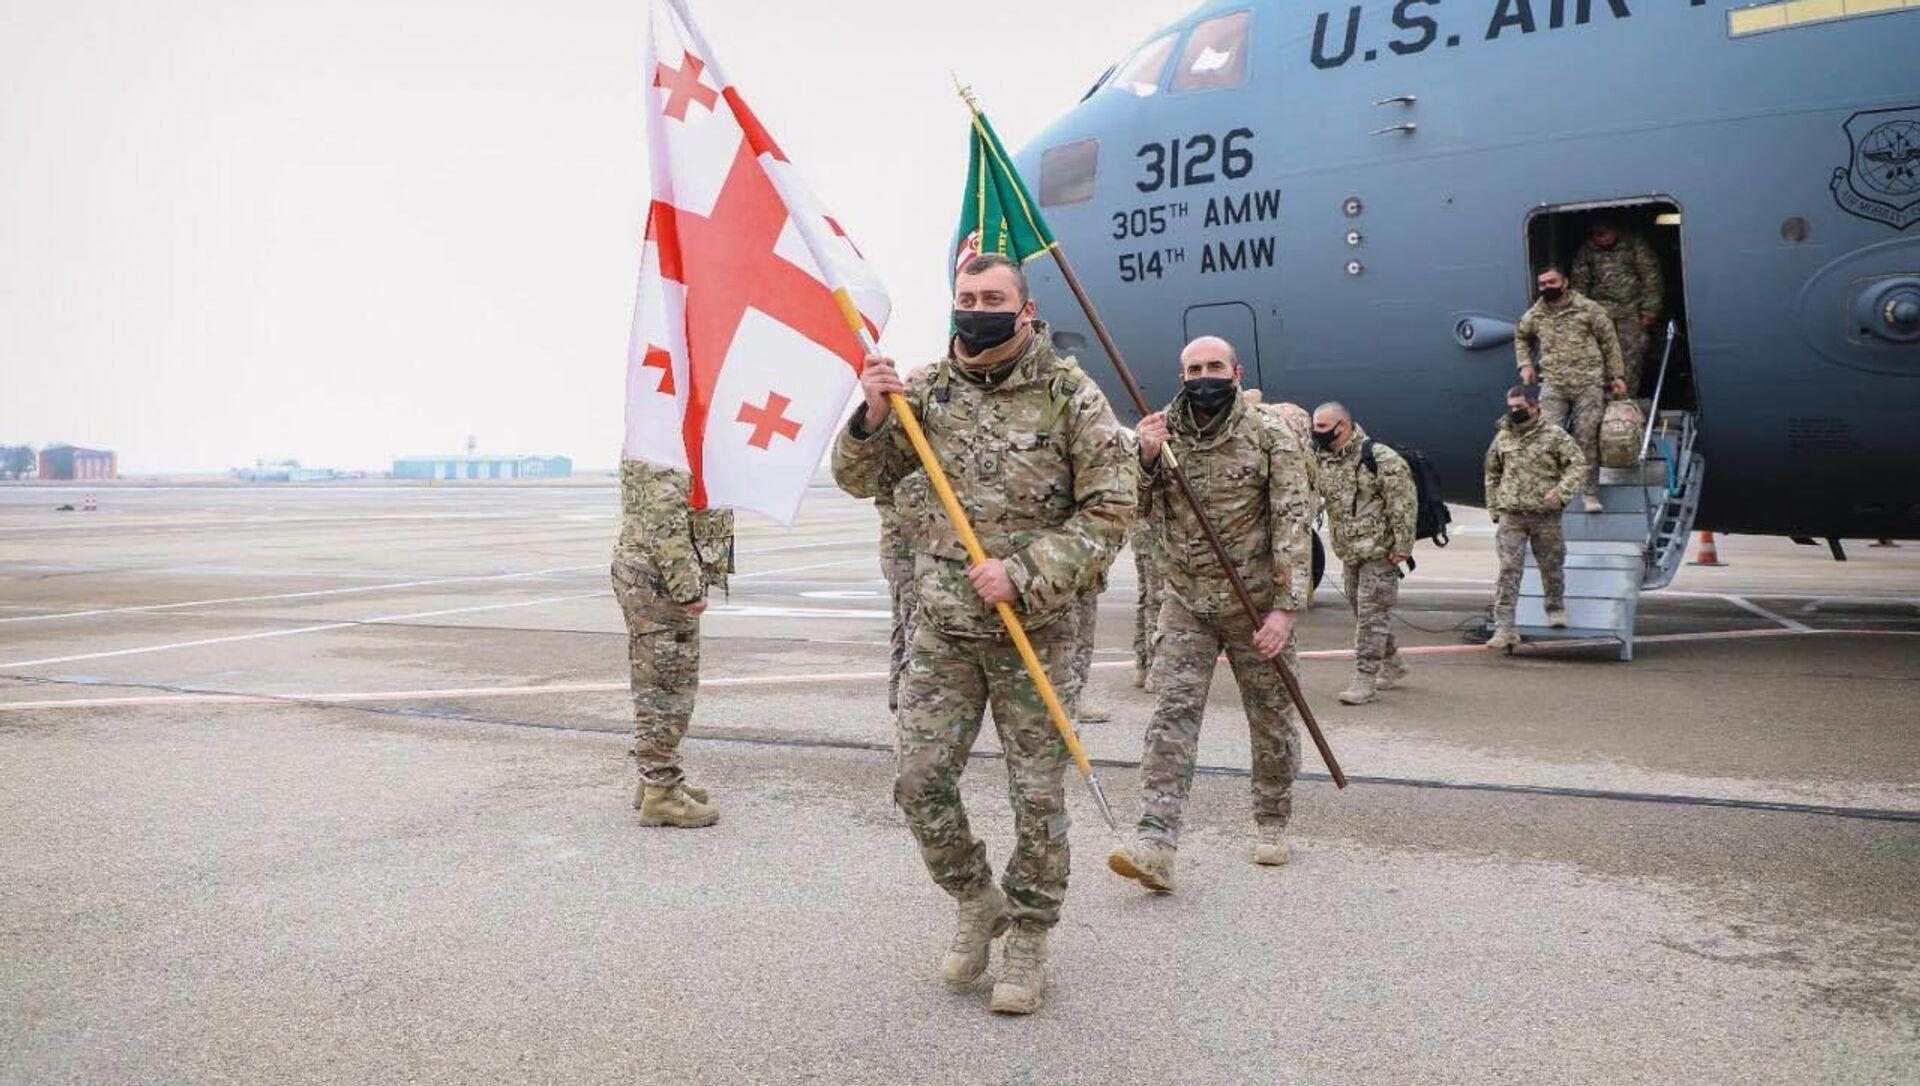 Грузинские миротворцы вернулись из Афганистана - Sputnik Грузия, 1920, 21.05.2021